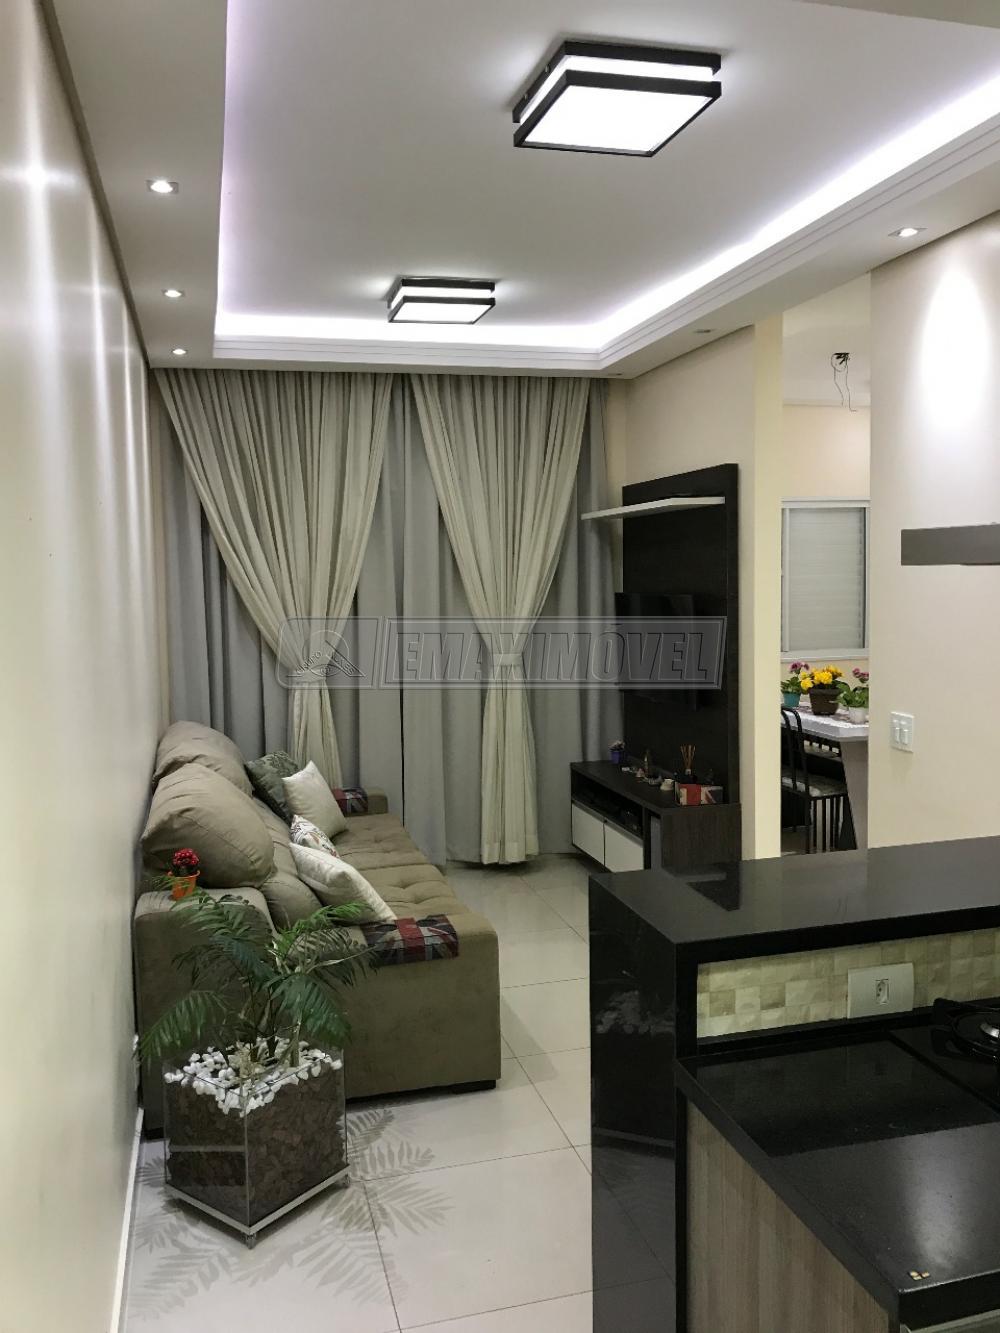 Alugar Apartamentos / Apto Padrão em Sorocaba apenas R$ 1.500,00 - Foto 5